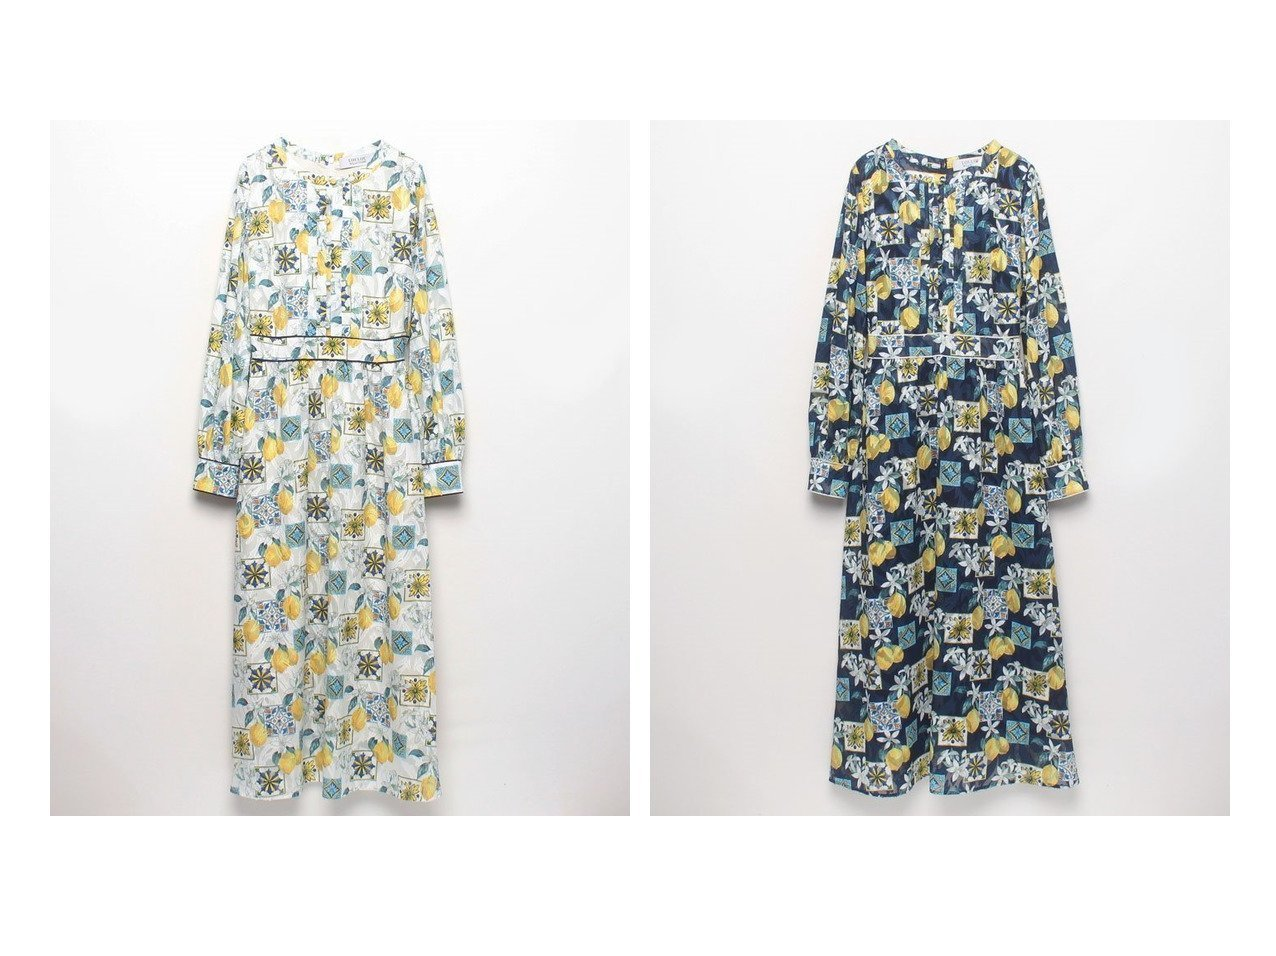 【allureville/アルアバイル】の【LOULOU WILLOUGHBY】レモンプリントナローワンピース ワンピース・ドレスのおすすめ!人気、トレンド・レディースファッションの通販 おすすめで人気の流行・トレンド、ファッションの通販商品 メンズファッション・キッズファッション・インテリア・家具・レディースファッション・服の通販 founy(ファニー) https://founy.com/ ファッション Fashion レディースファッション WOMEN ワンピース Dress シンプル プリント モチーフ ロング |ID:crp329100000023626